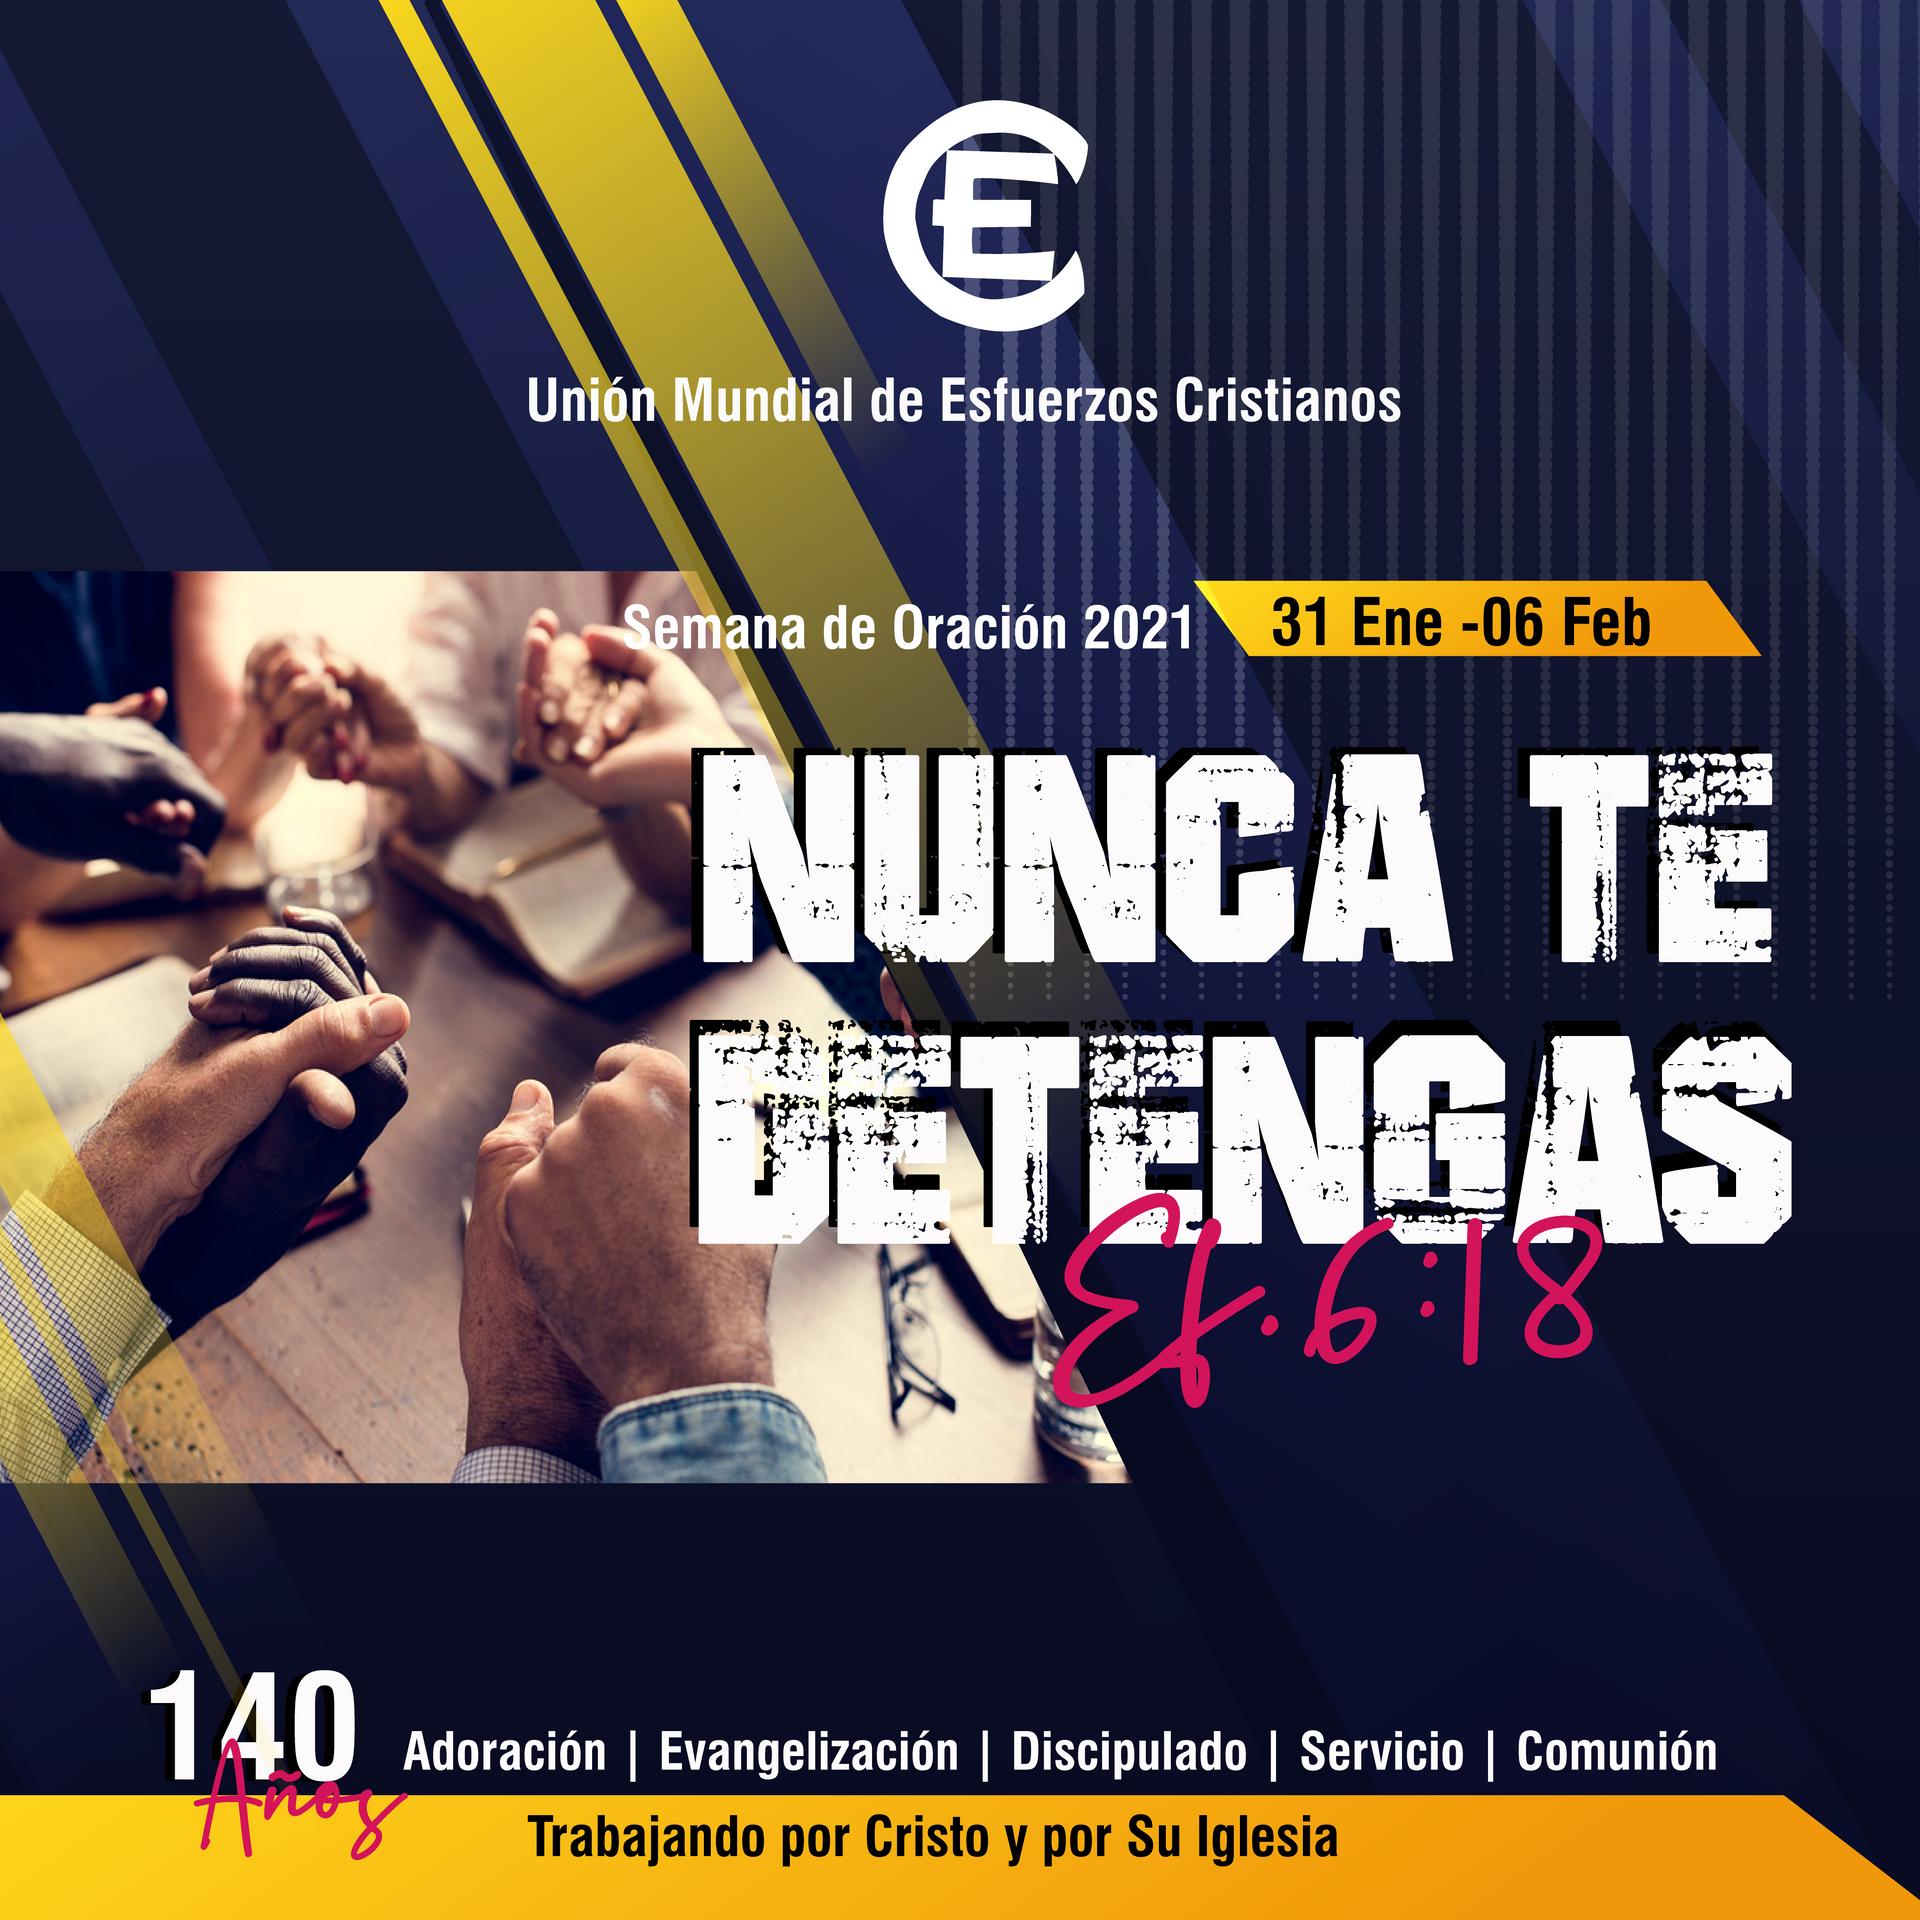 Spanisch (Flyer)